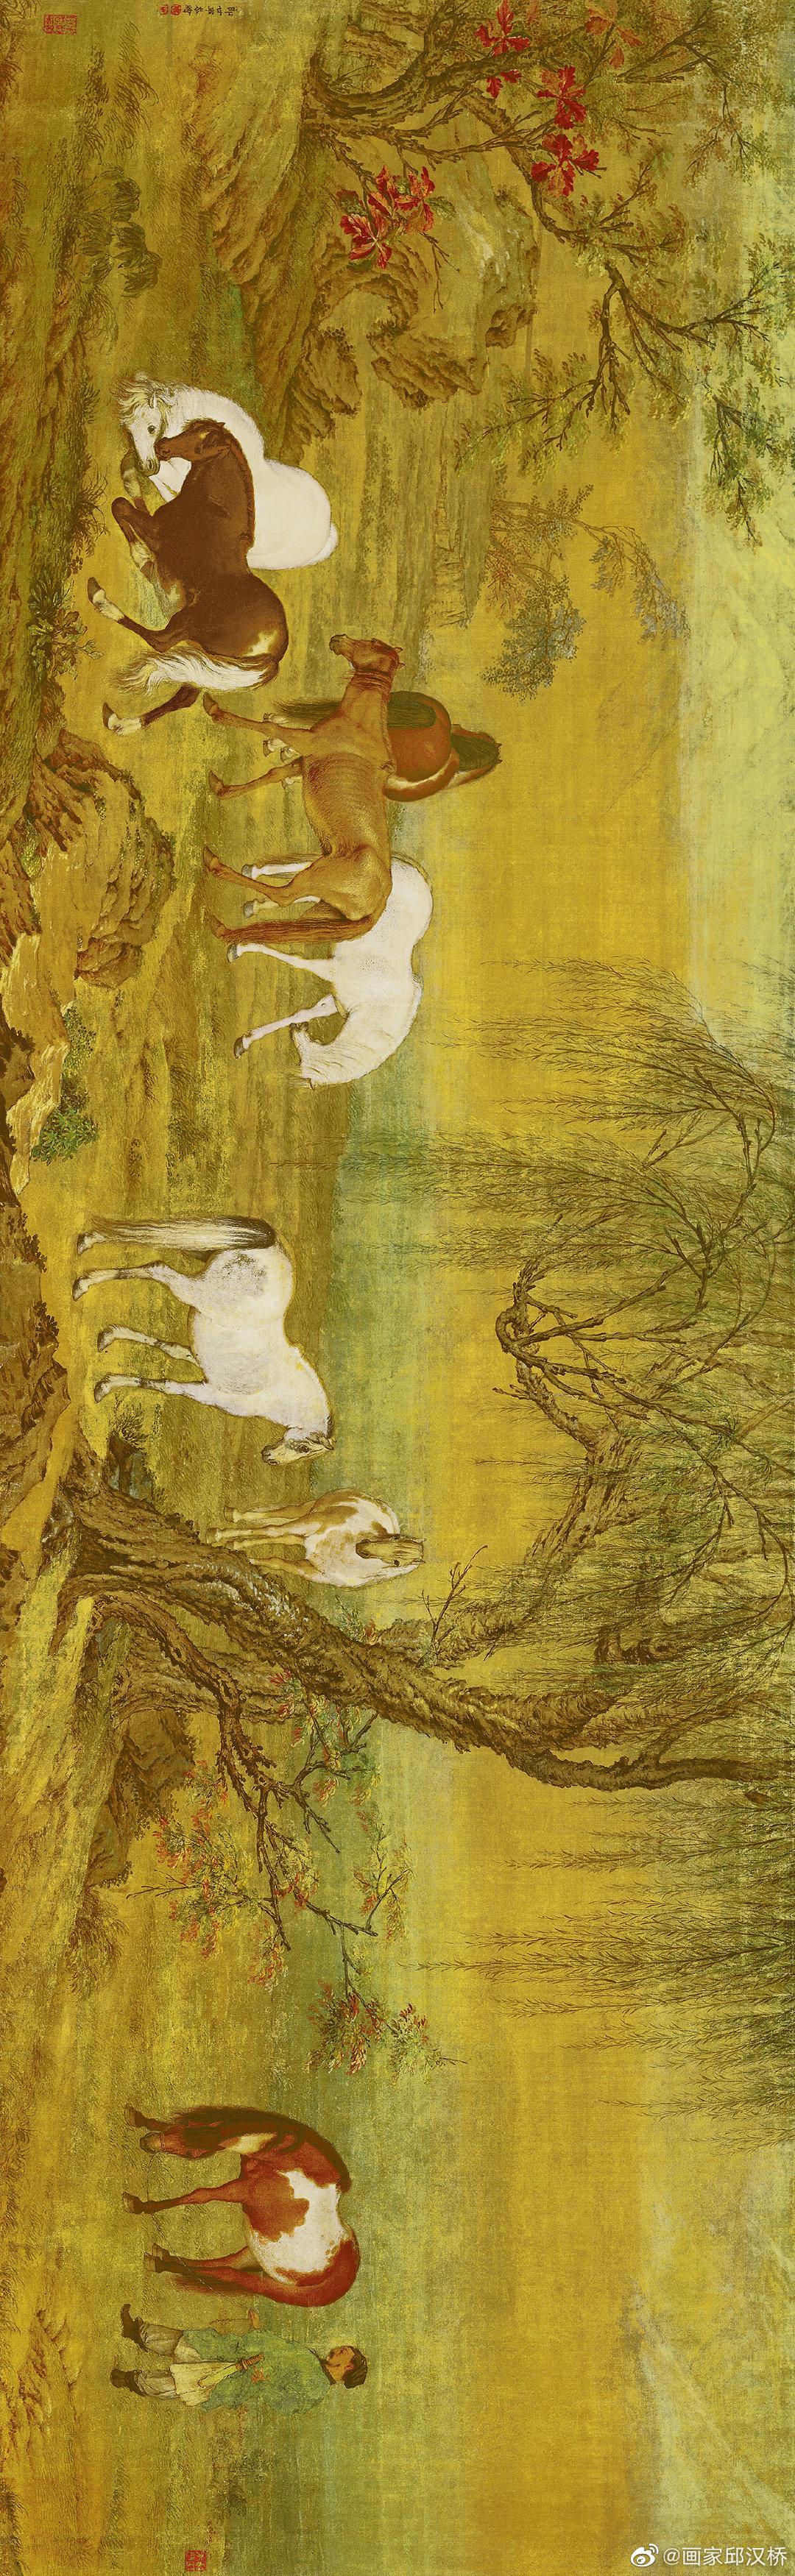 《郊原牧马图》,清代,郎世宁,绢本设色,纵51.2cm,横166cm……